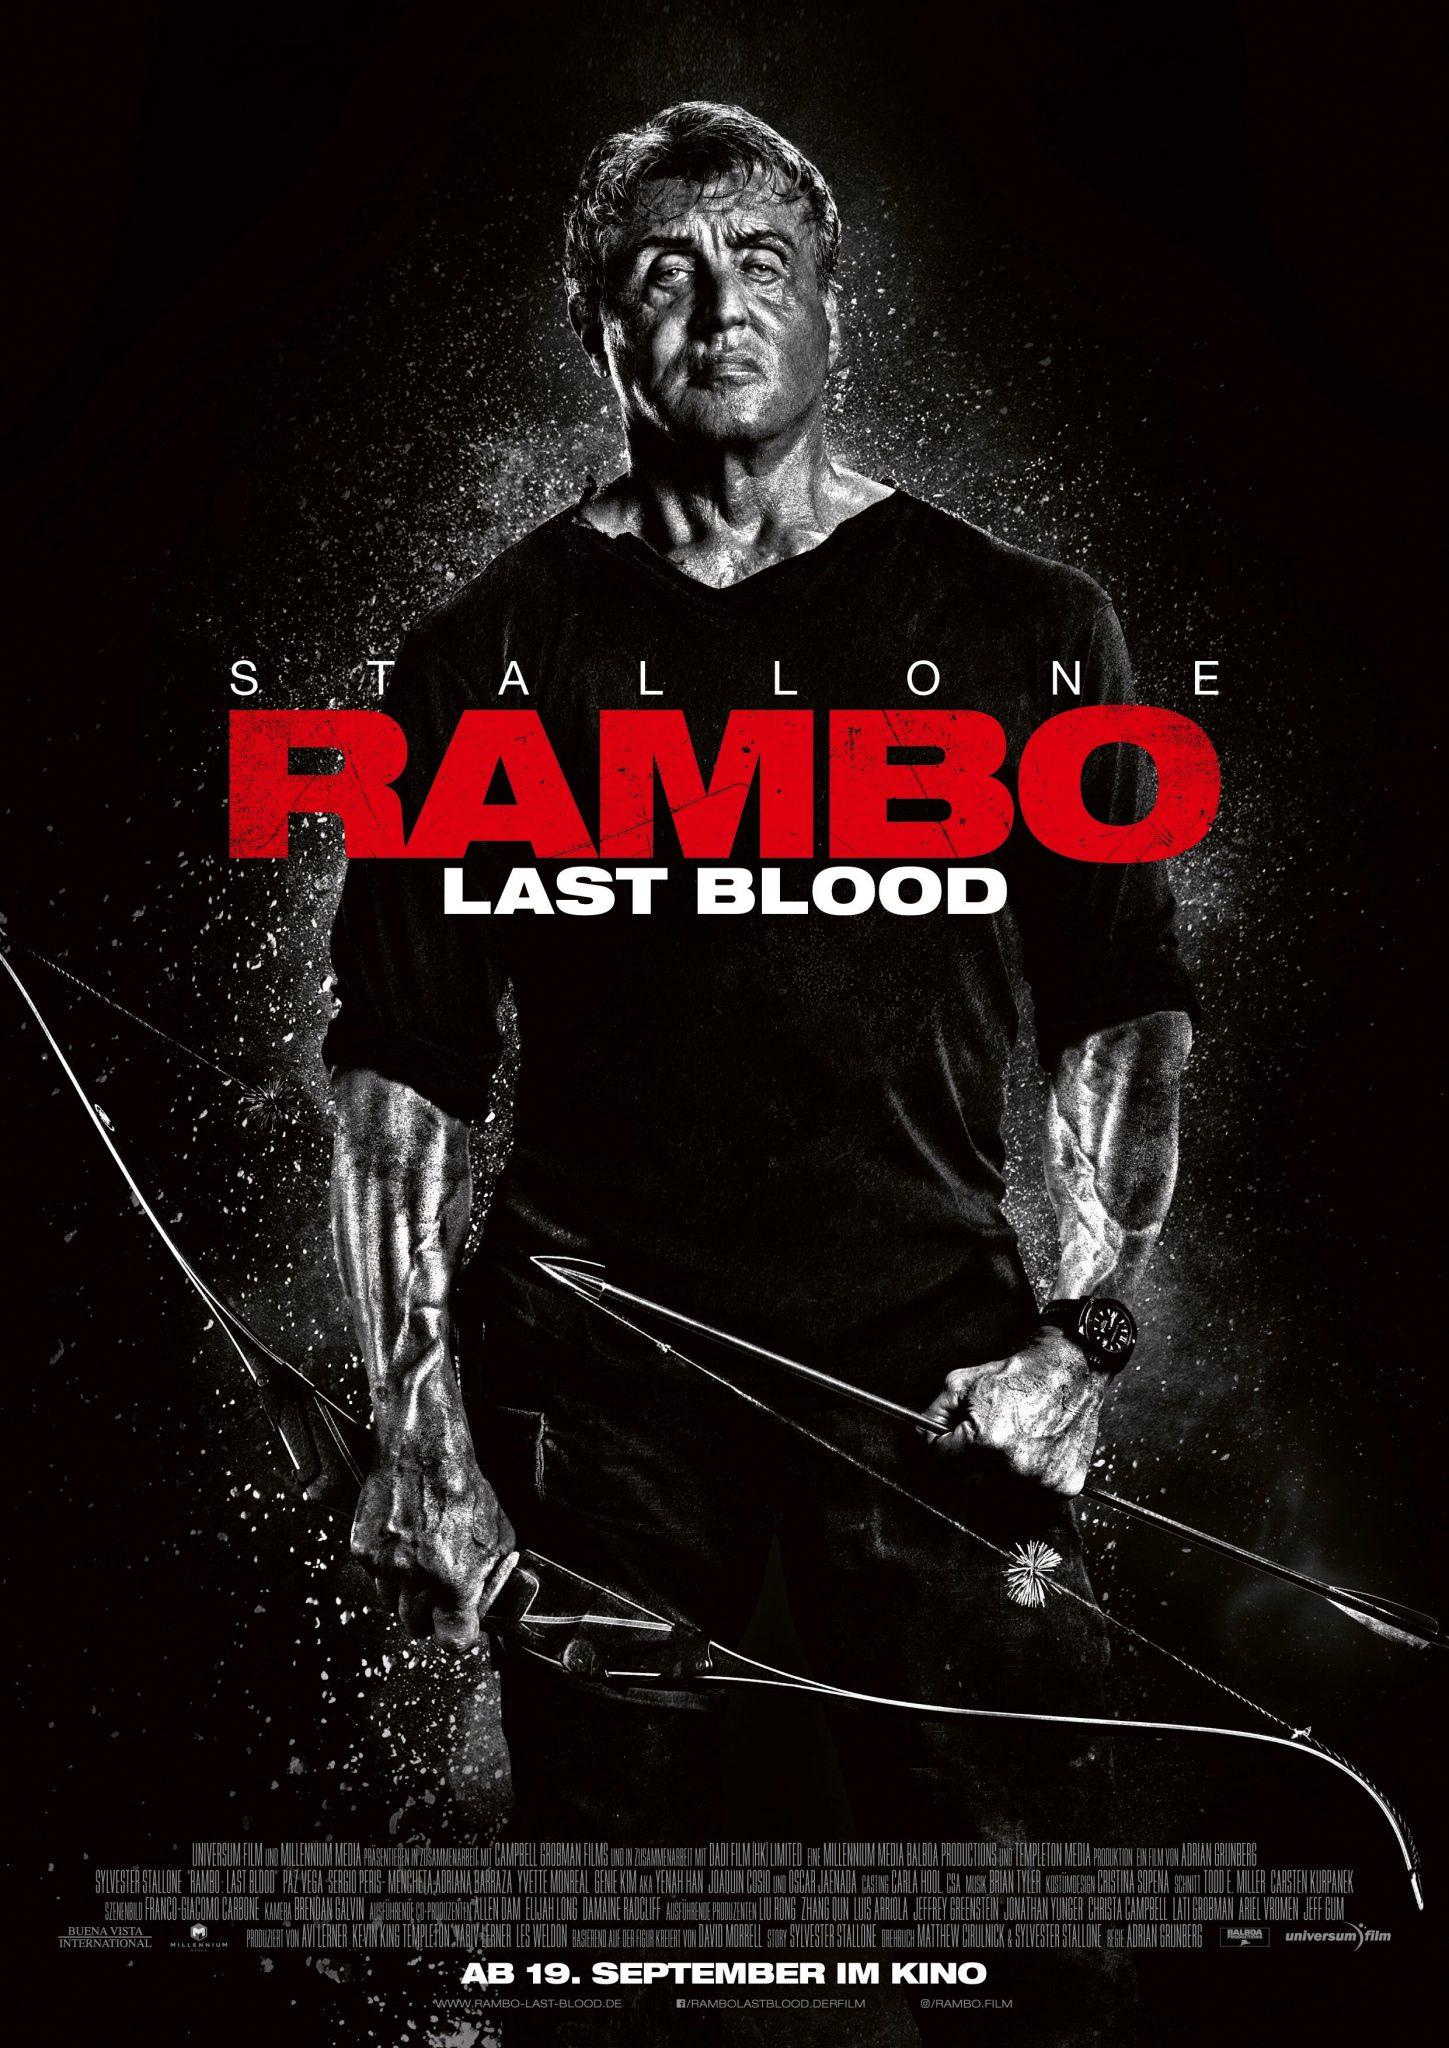 Sylvester Stallone mit Pfeil und Bogen bewaffnet auf dem offiziellen Filmplakat zu Rambo: Last Blood ©Universum Film